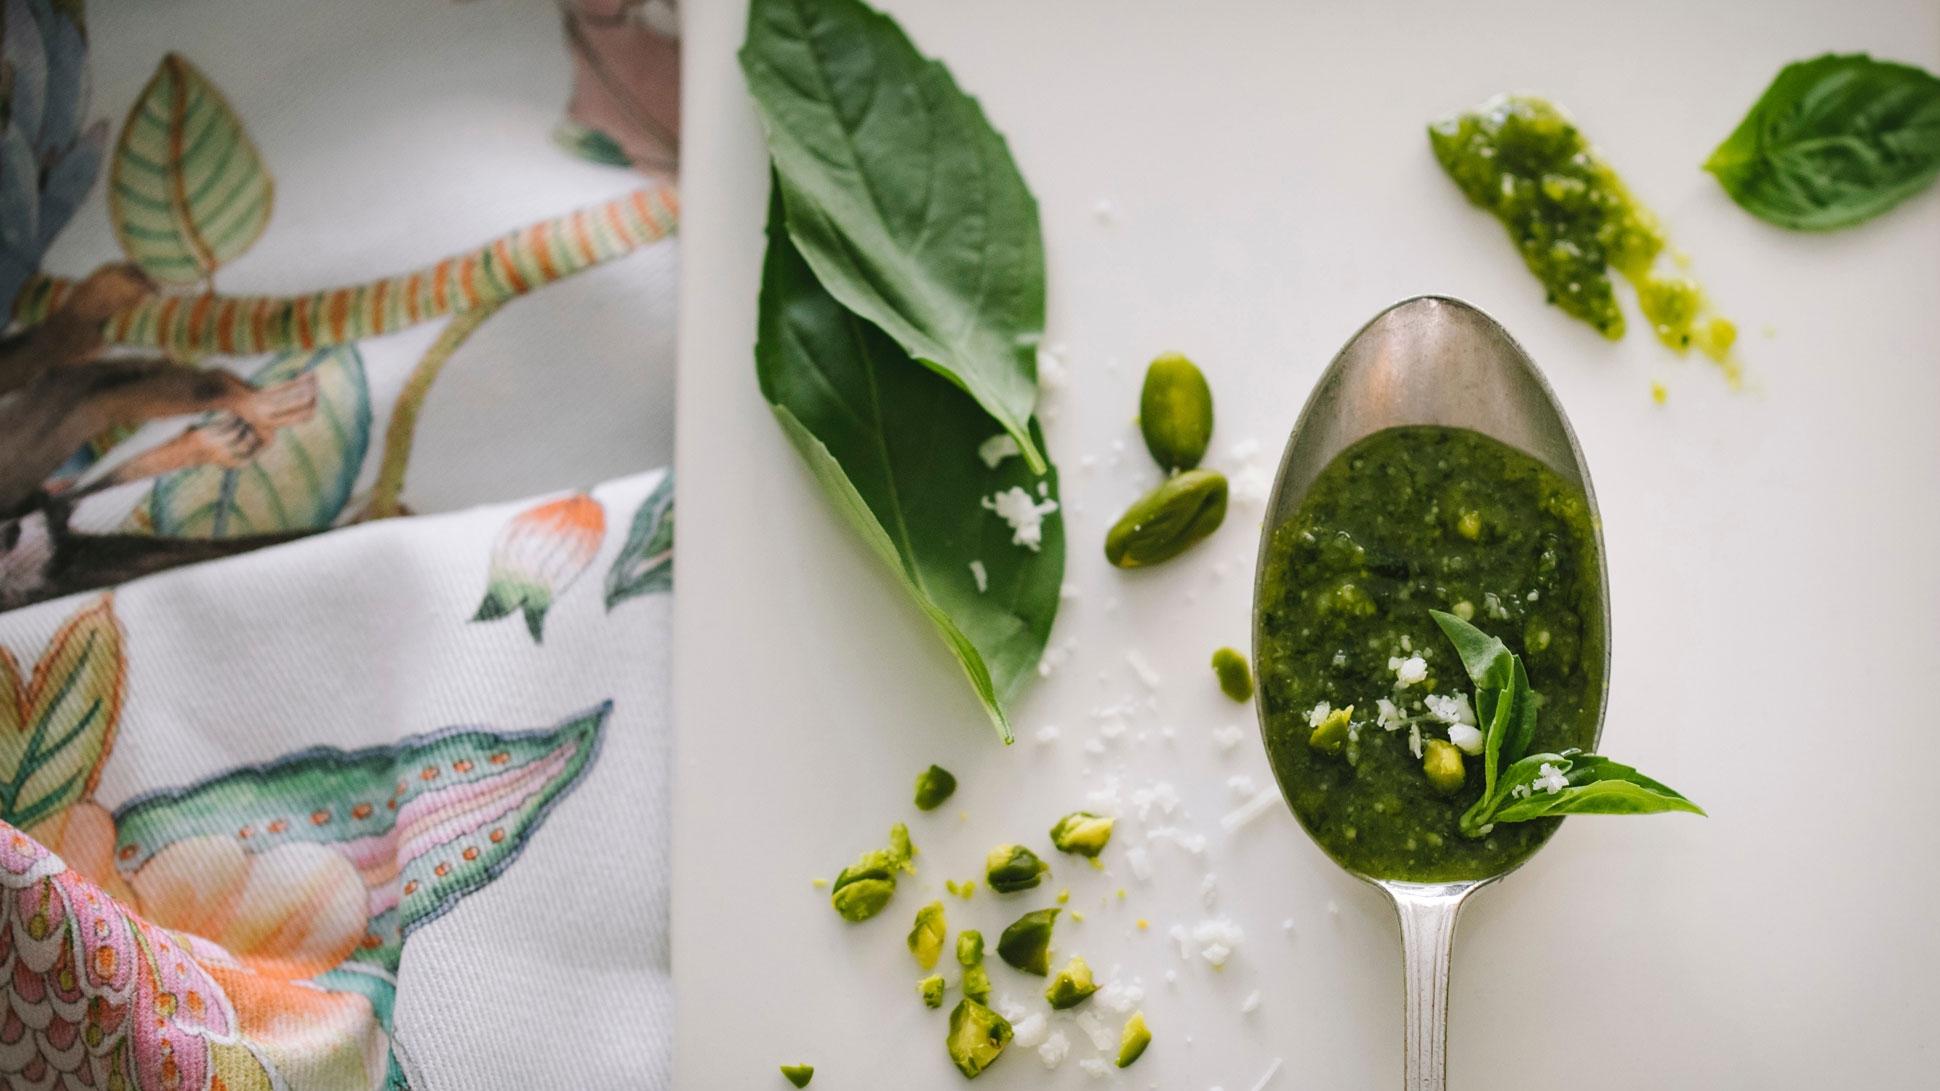 Kale-Pesto.jpg